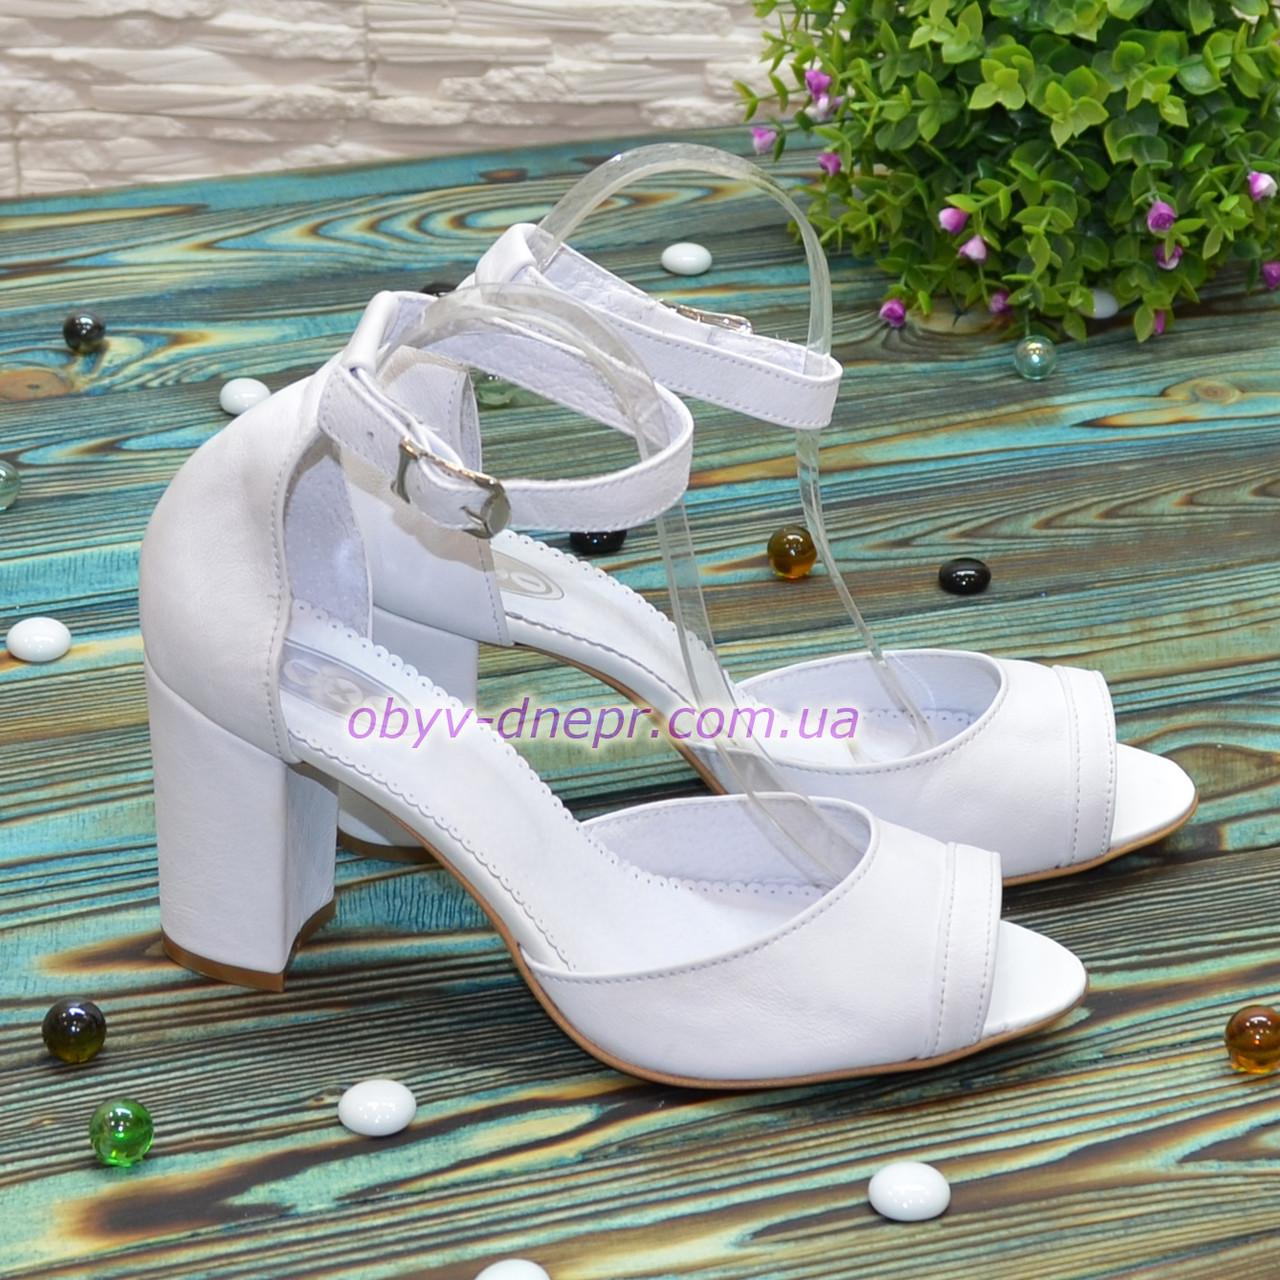 Босоножки женские кожаные на высоком устойчивом каблуке, цвет белый